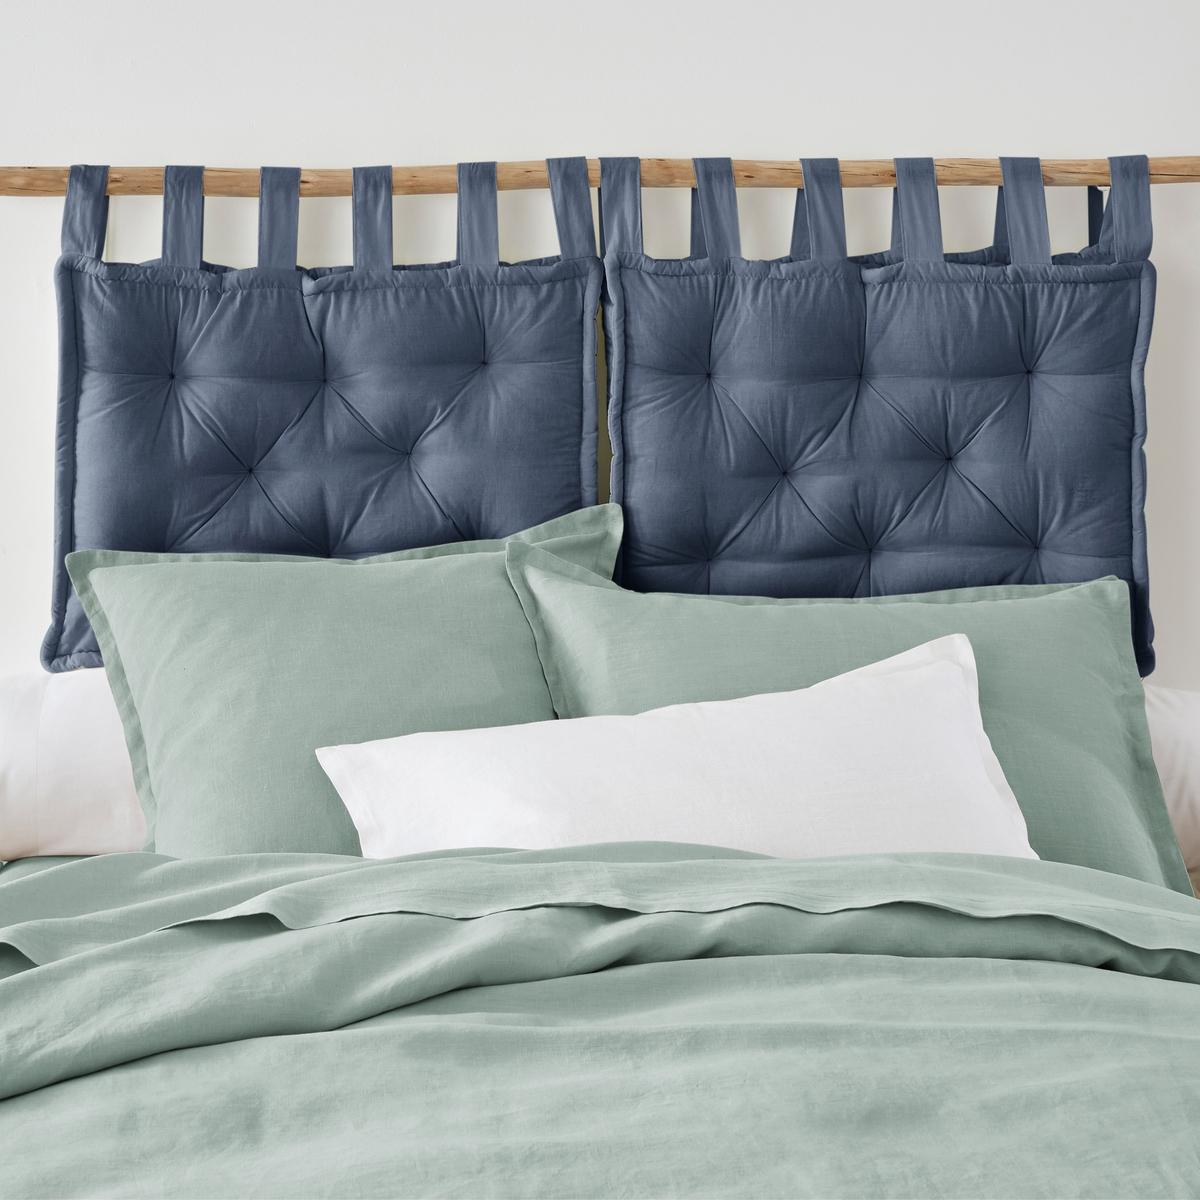 Подушка La Redoute Для изголовья кровати 50 x 70 см синий подушка для изголовья кровати 100% хлопокscenario